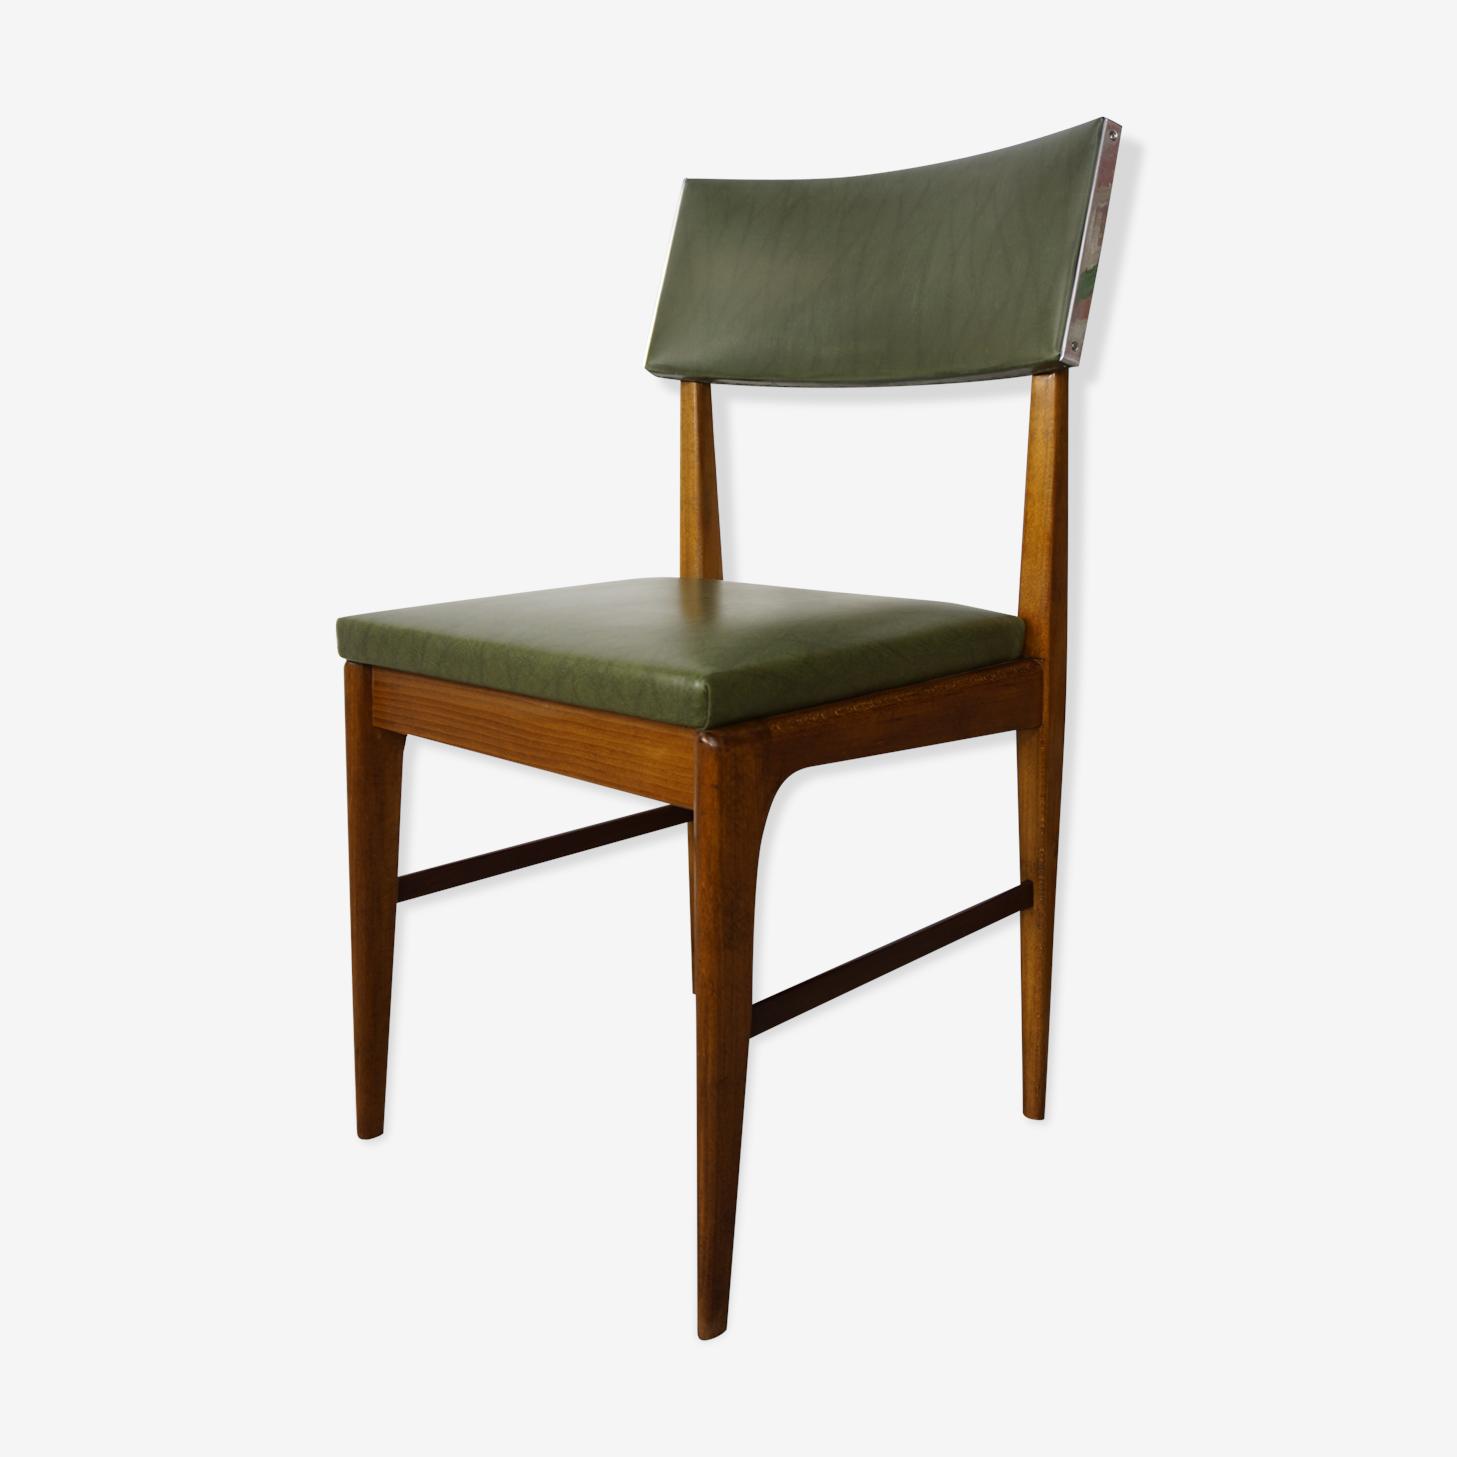 60s teak Chair